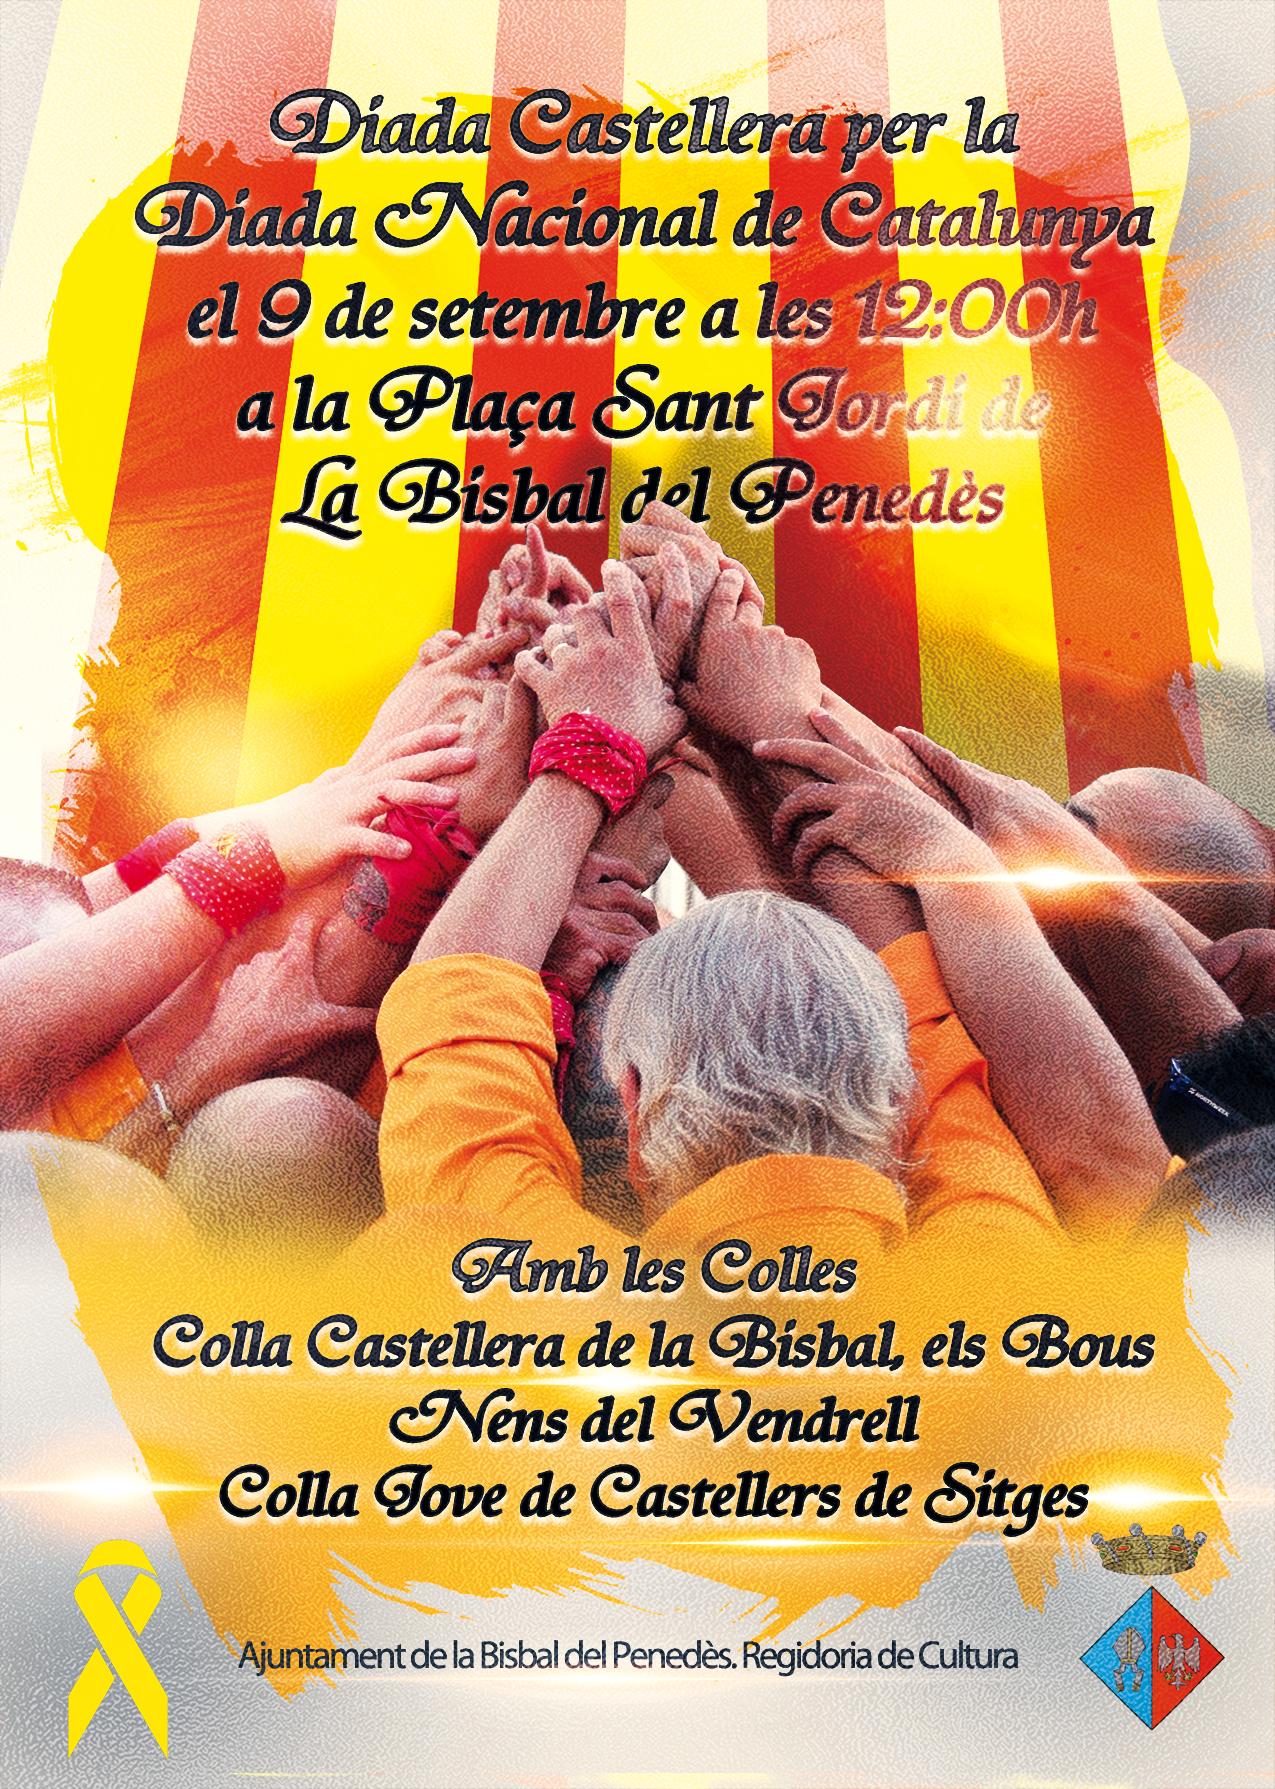 El diumenge 9 de setembre a les 12h tindrà lloc una diada castellera a la Bisbal amb motiu de la Diada Nacional de Catalunya